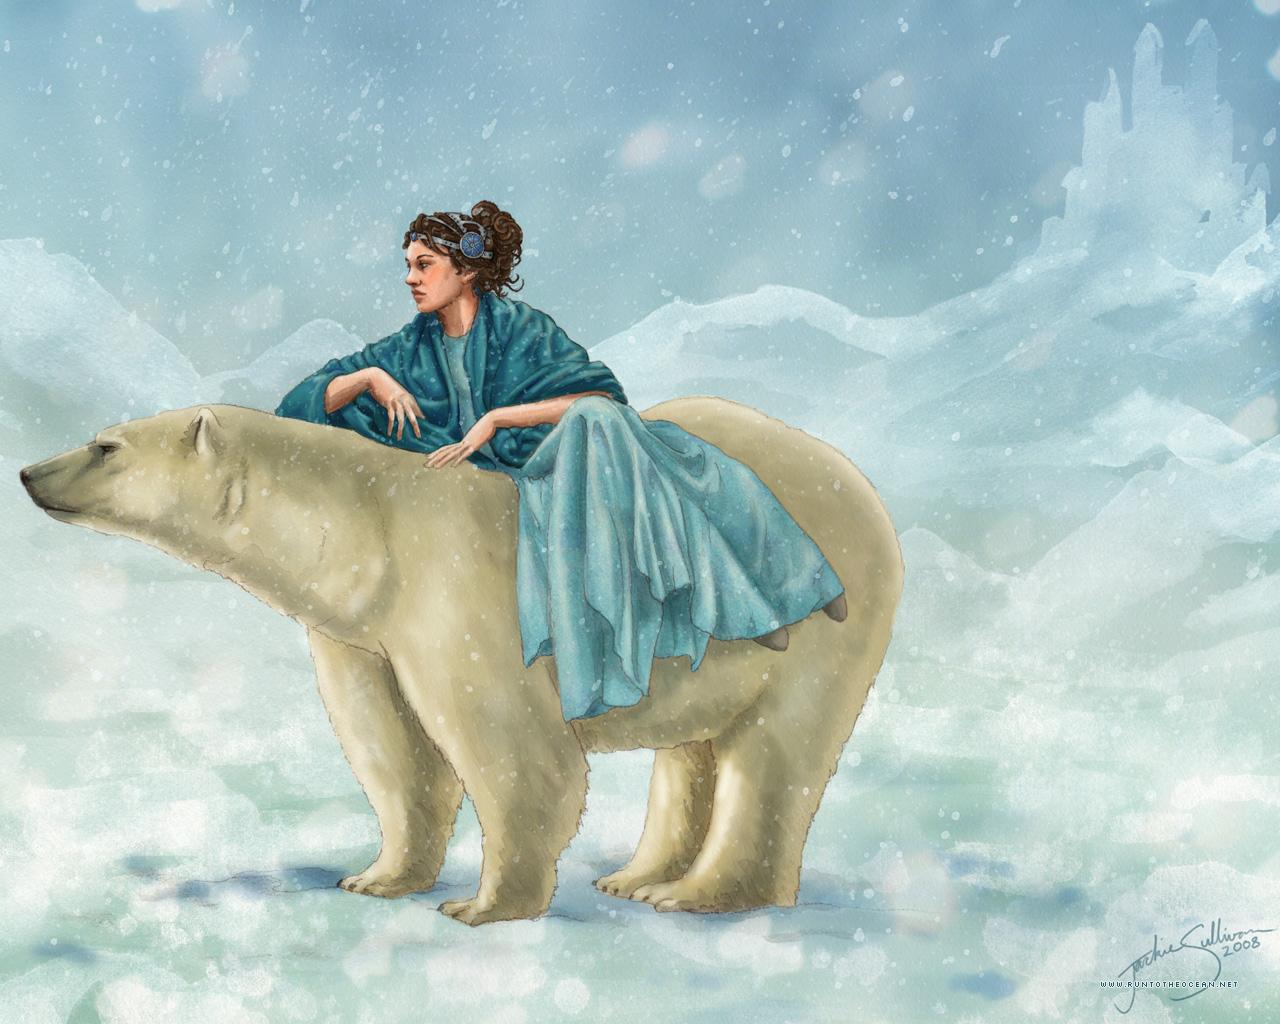 Arctic Queen - 1280x1024 by jackieocean